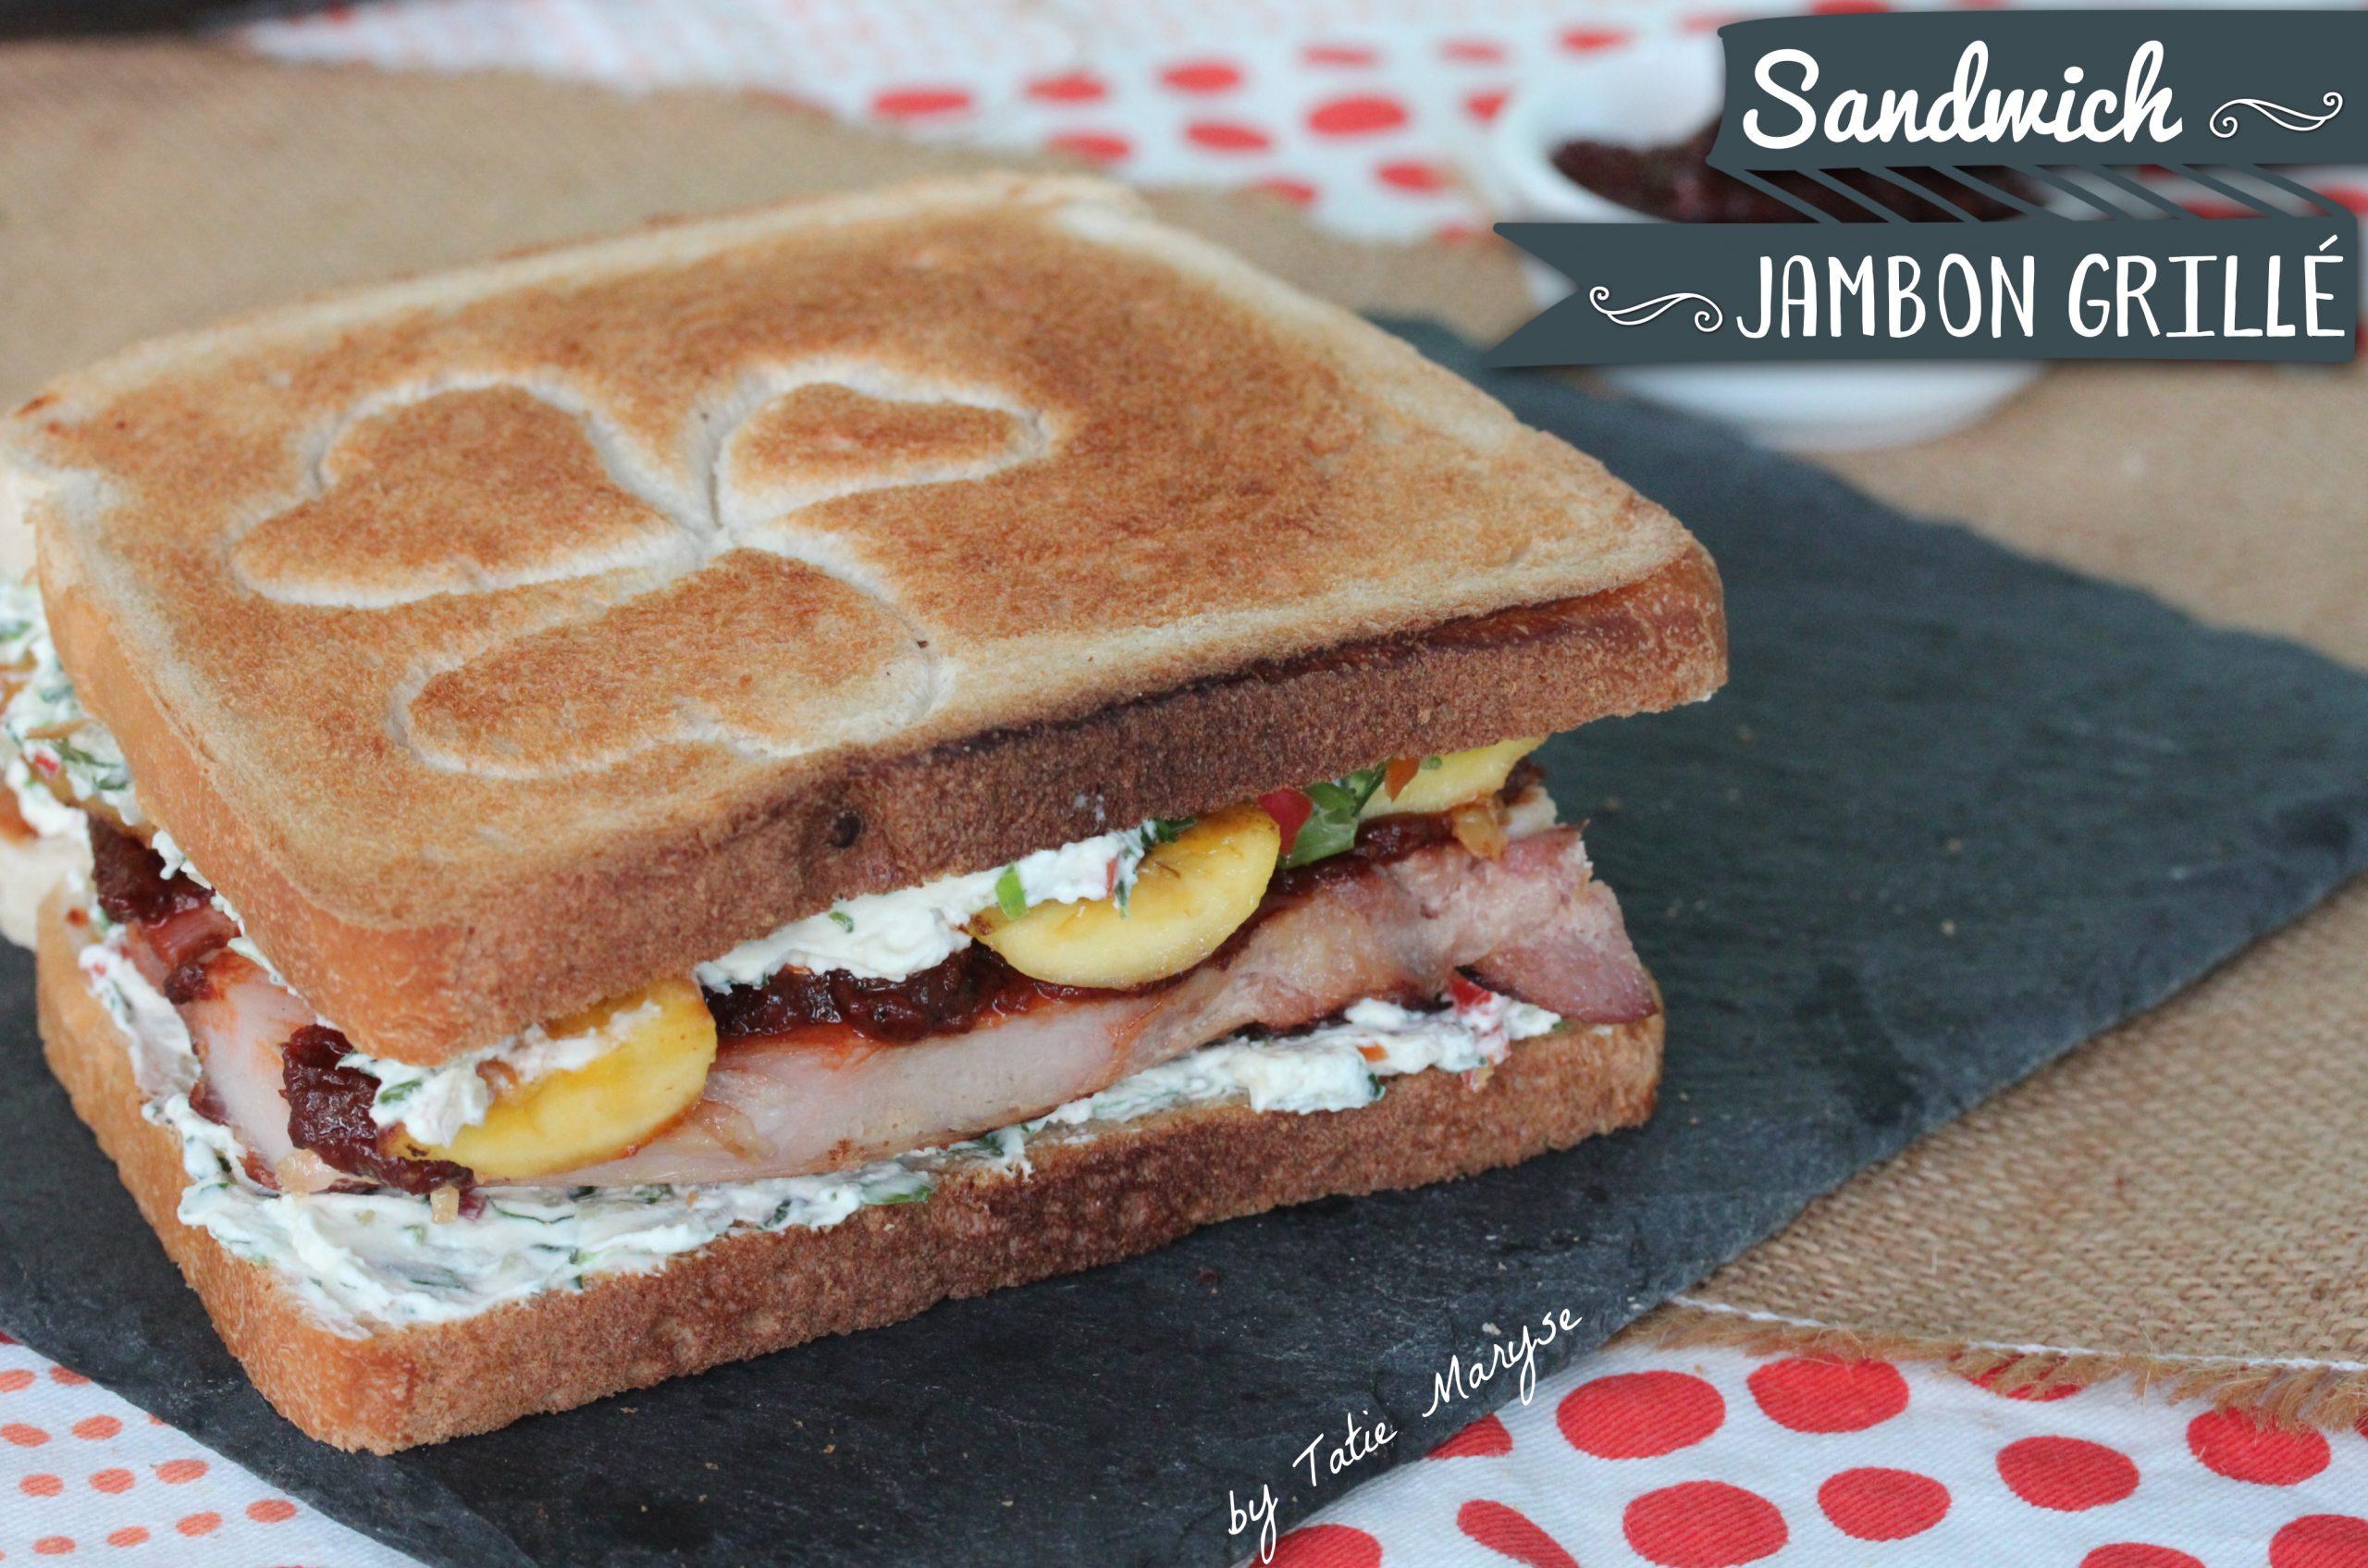 Sandwich jambon grillé et banane frite